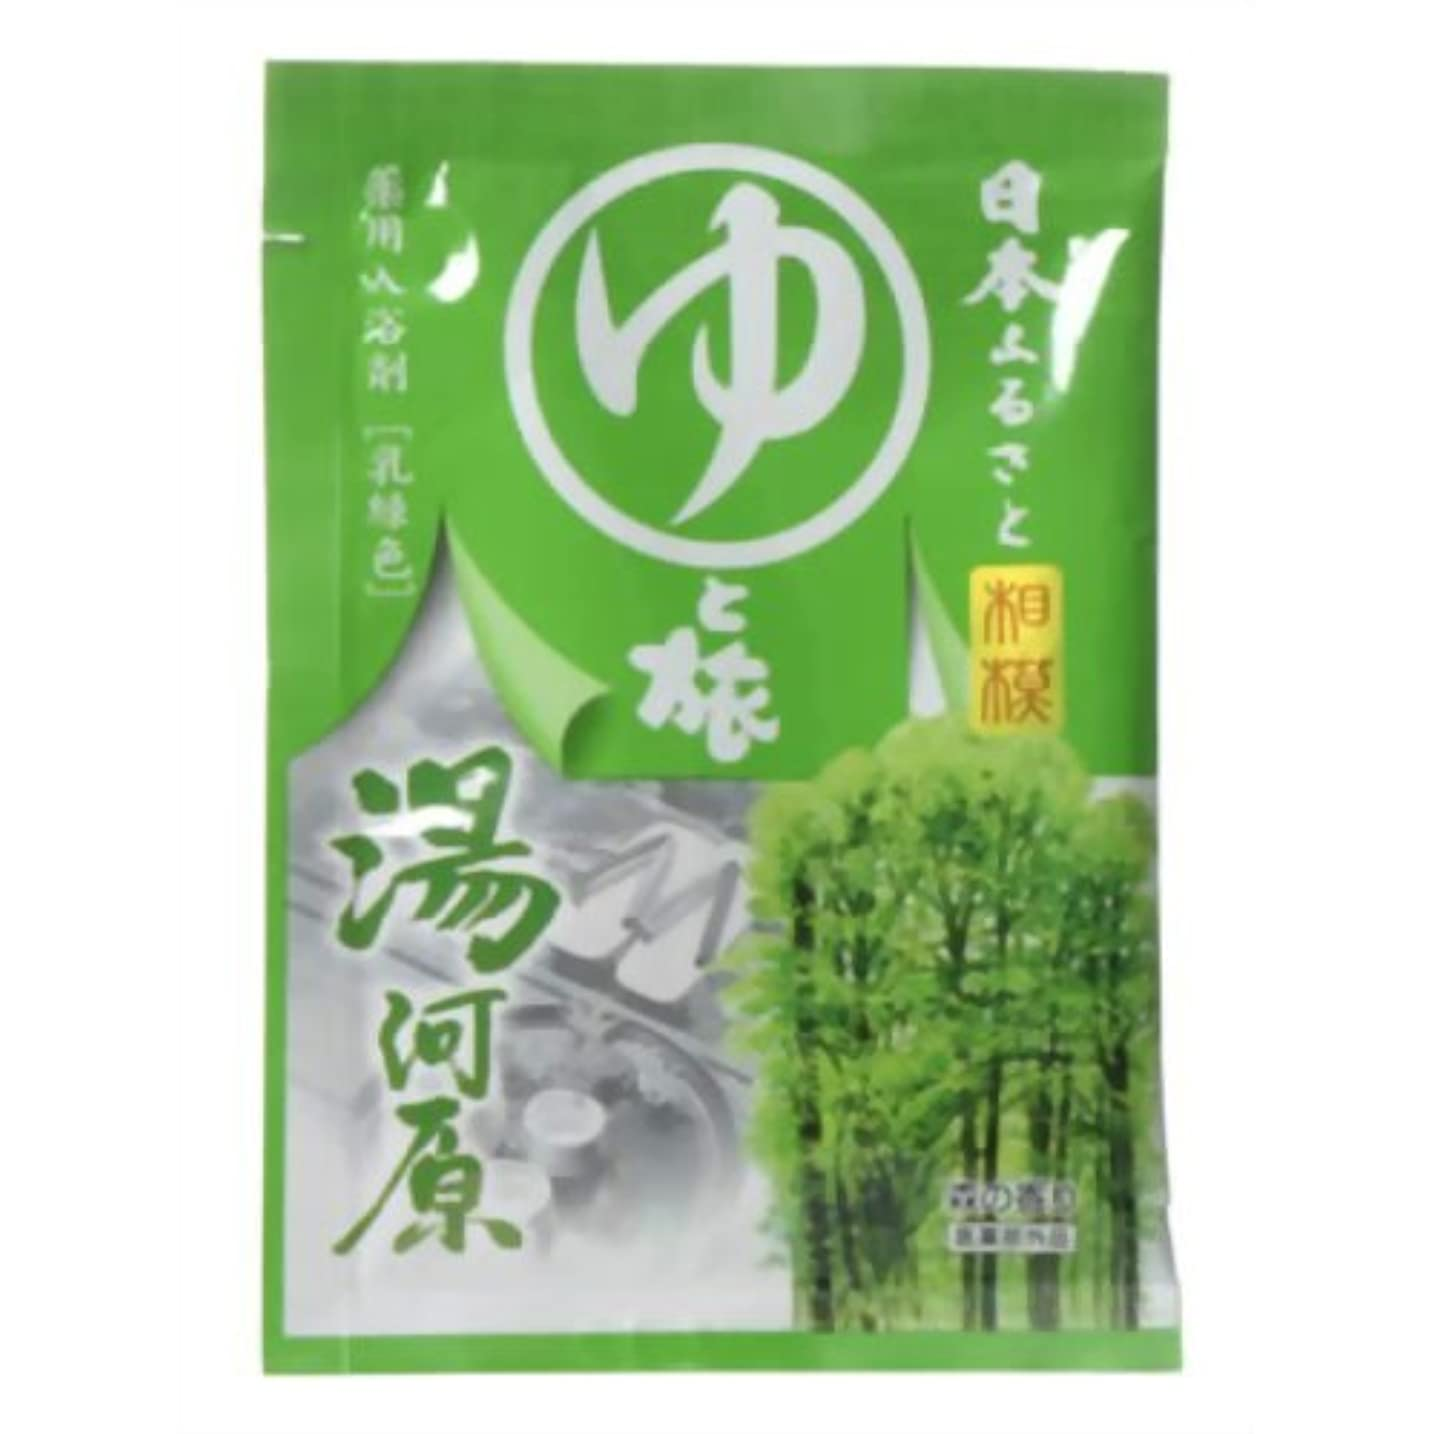 オーバーフロー列車調整ヤマサキの入浴剤シリーズ 湯河原(入浴剤)